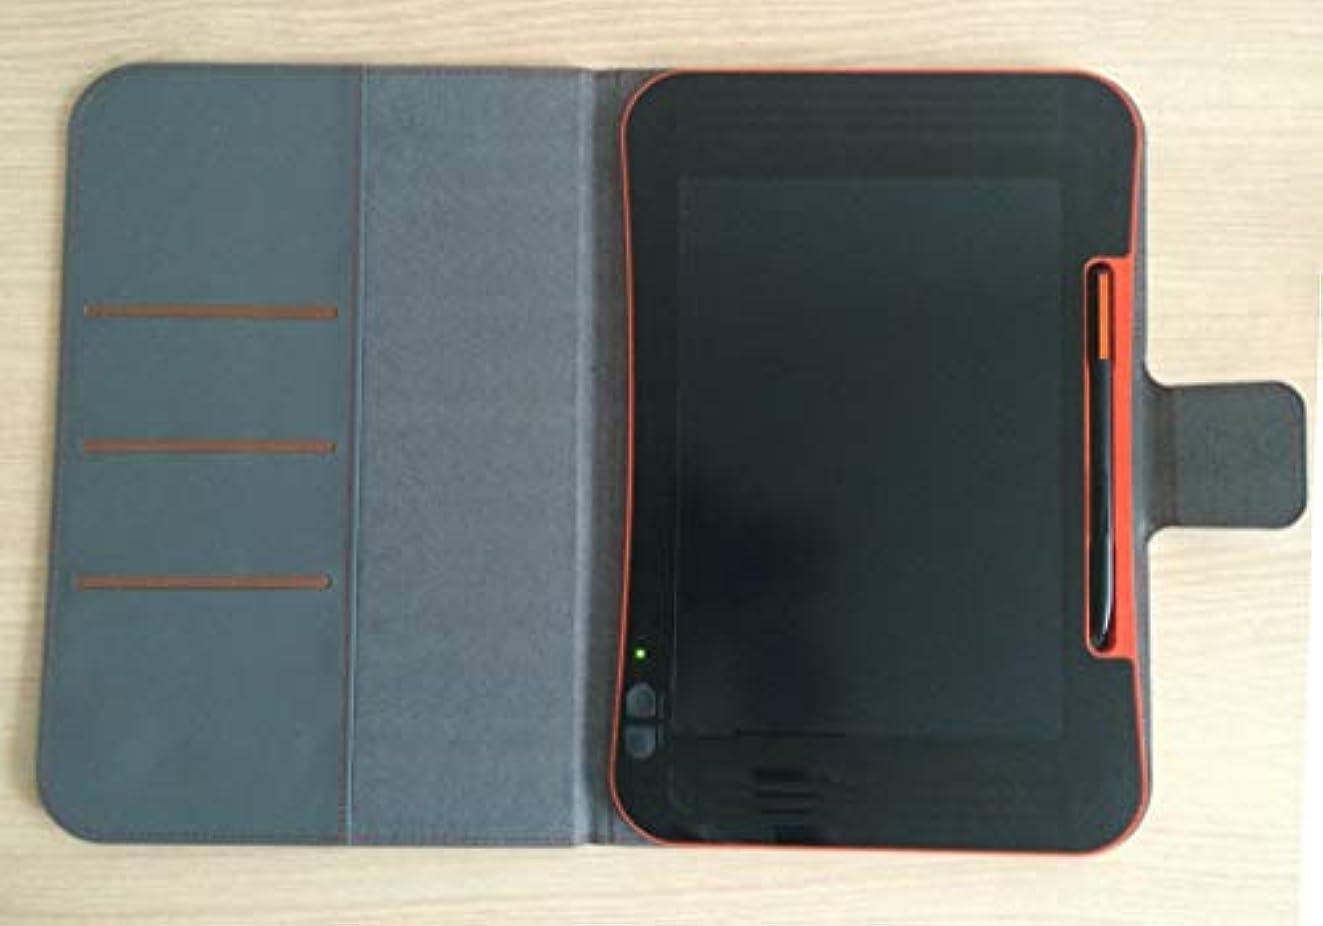 弁護士ハイランド宿題ポートフォリオケースfor Boogie Board SYNC 9.7 LCD Writing Tablet